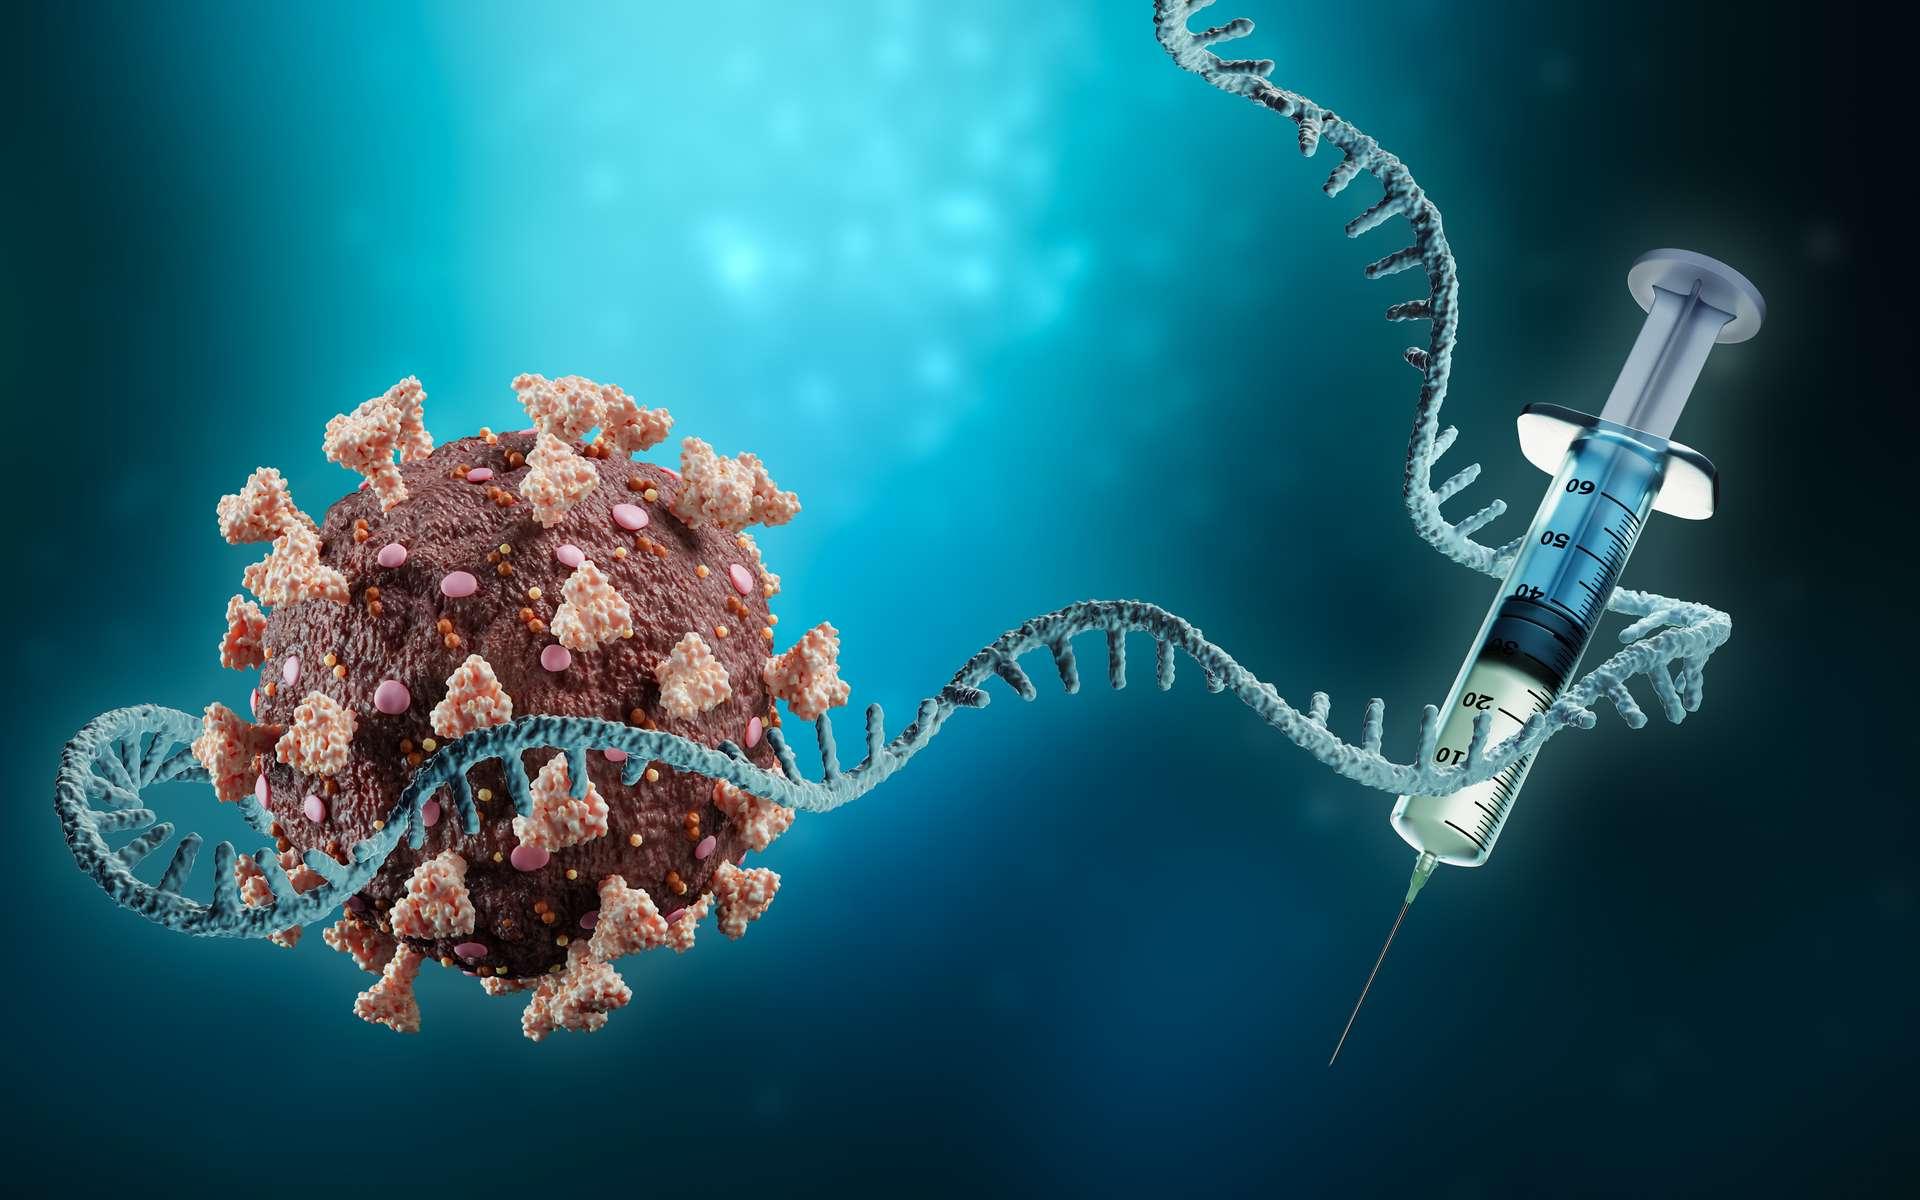 La vaccination avec la technologie de l'ARN messager suscite toujours beaucoup d'interrogations. © Matthieu, Adobe Stock